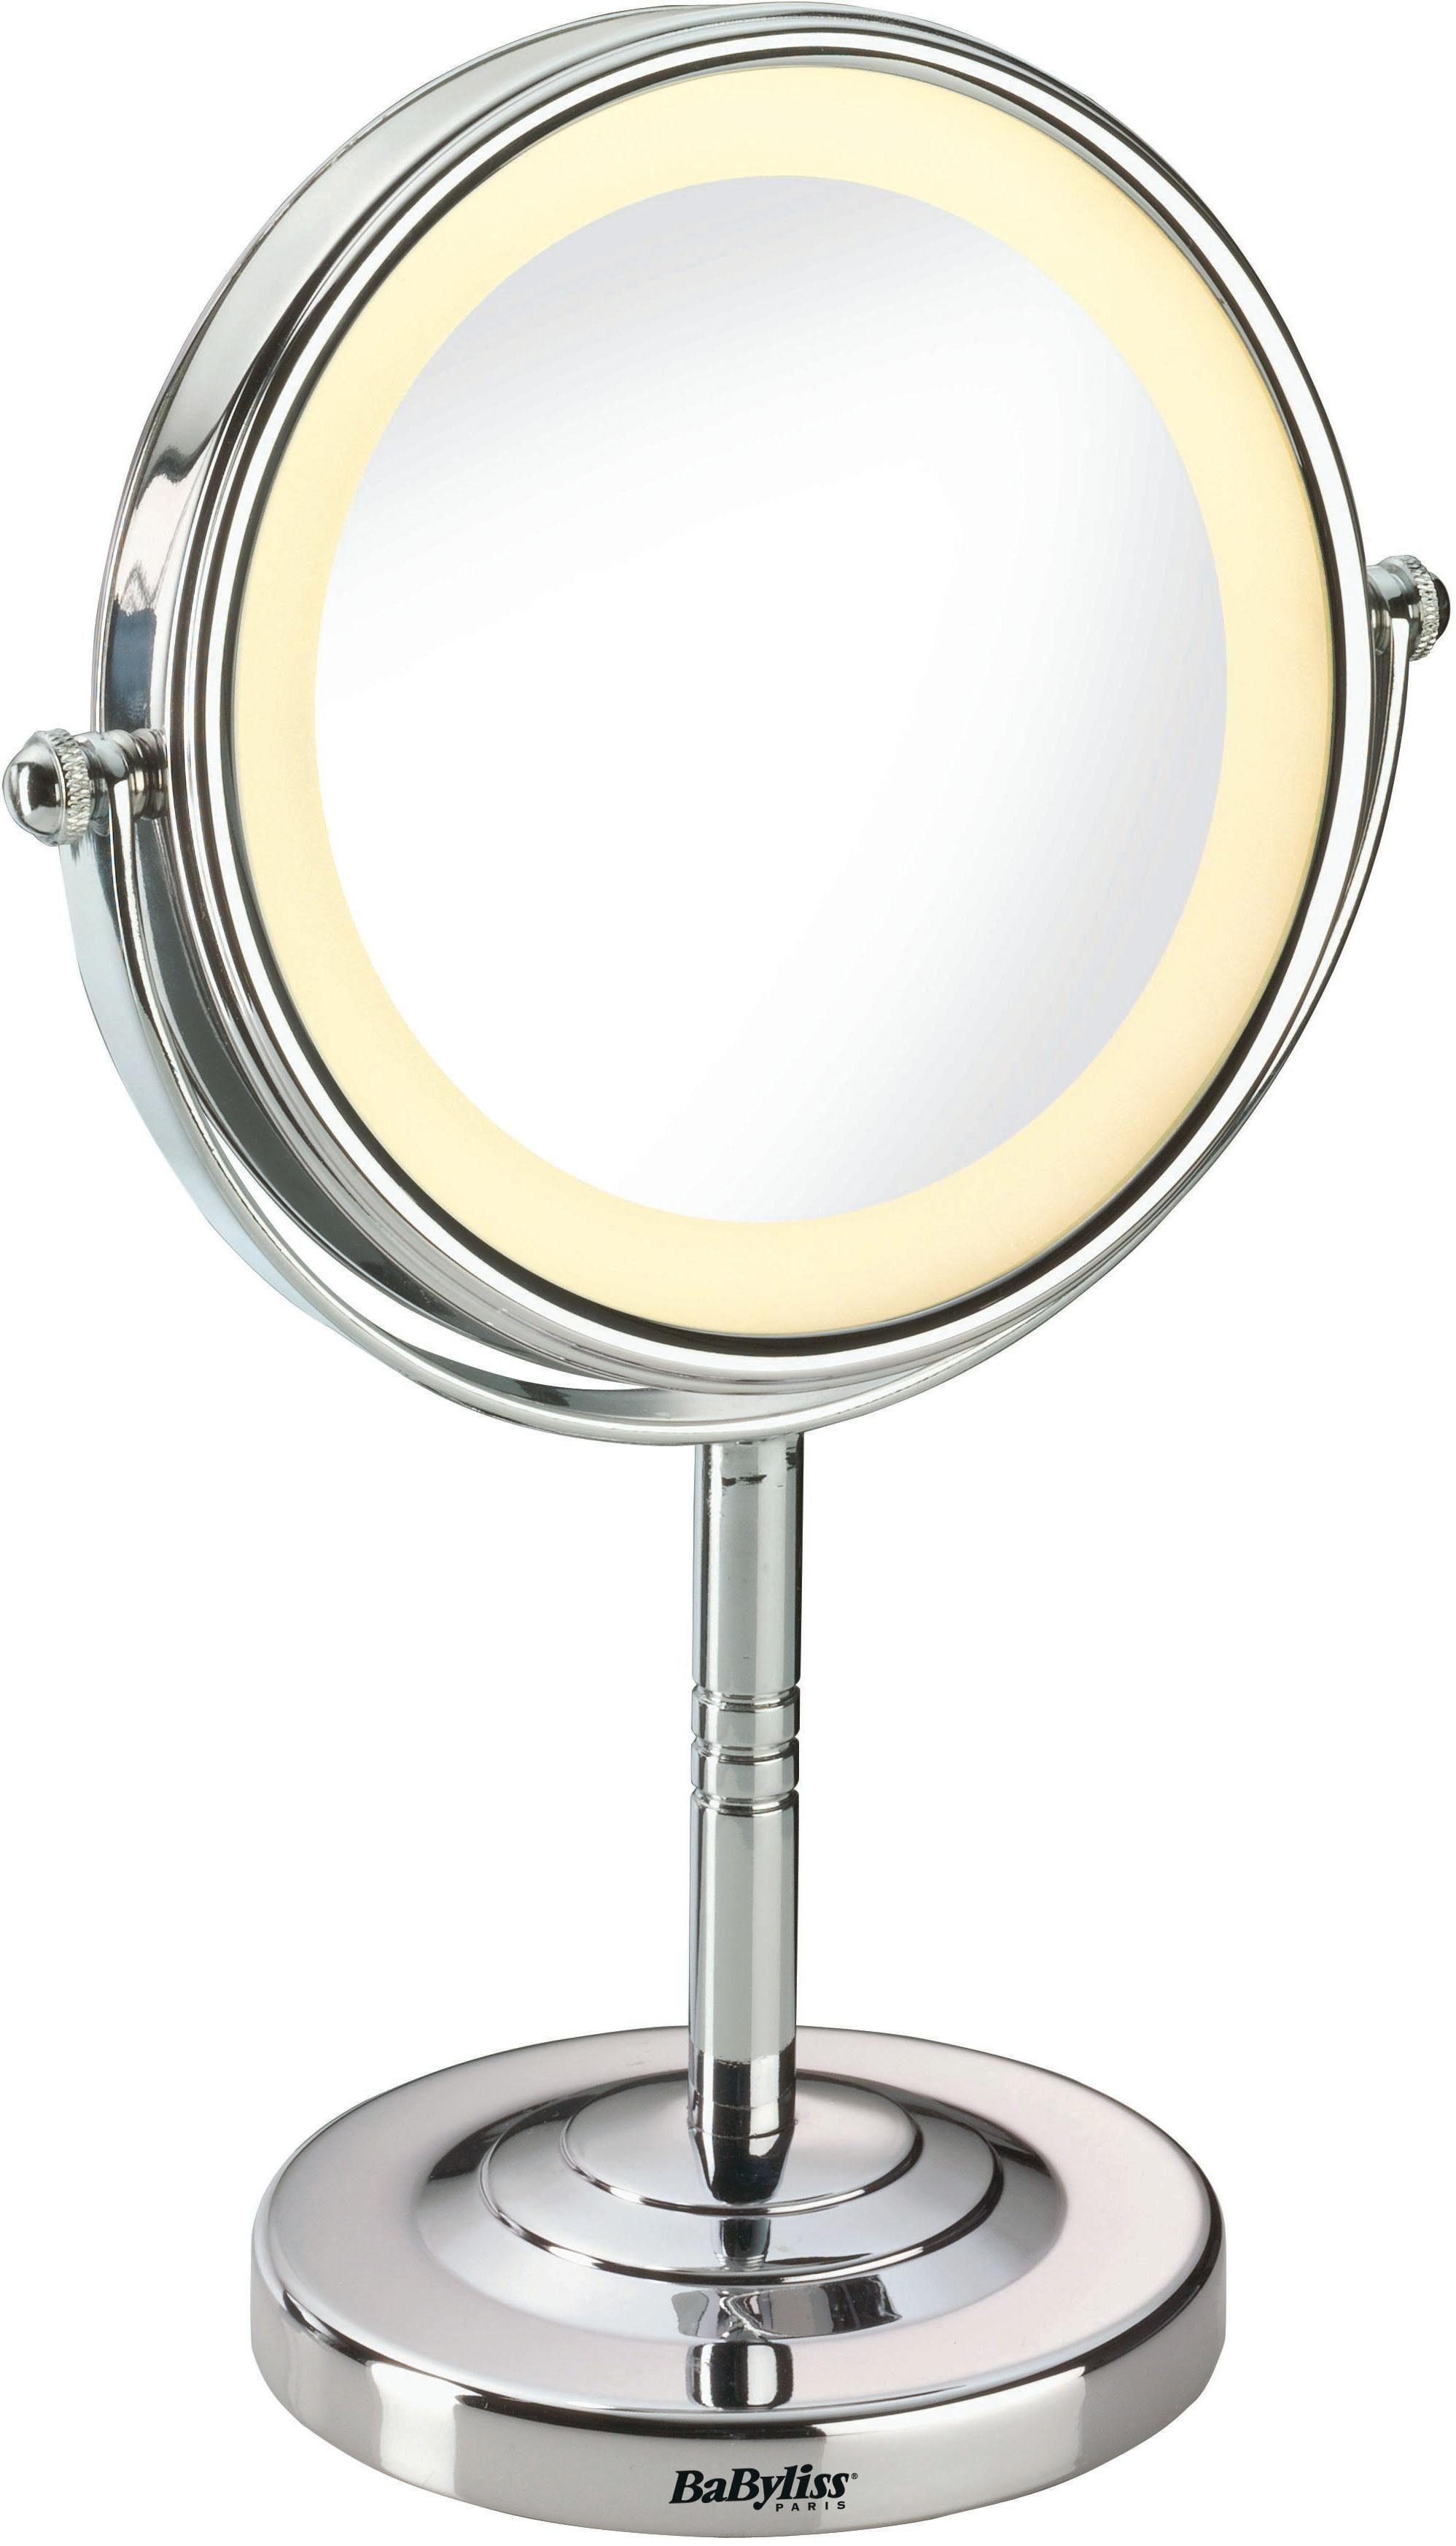 Babyliss Kosmetikspiegel, 5-fache Vergrößerung